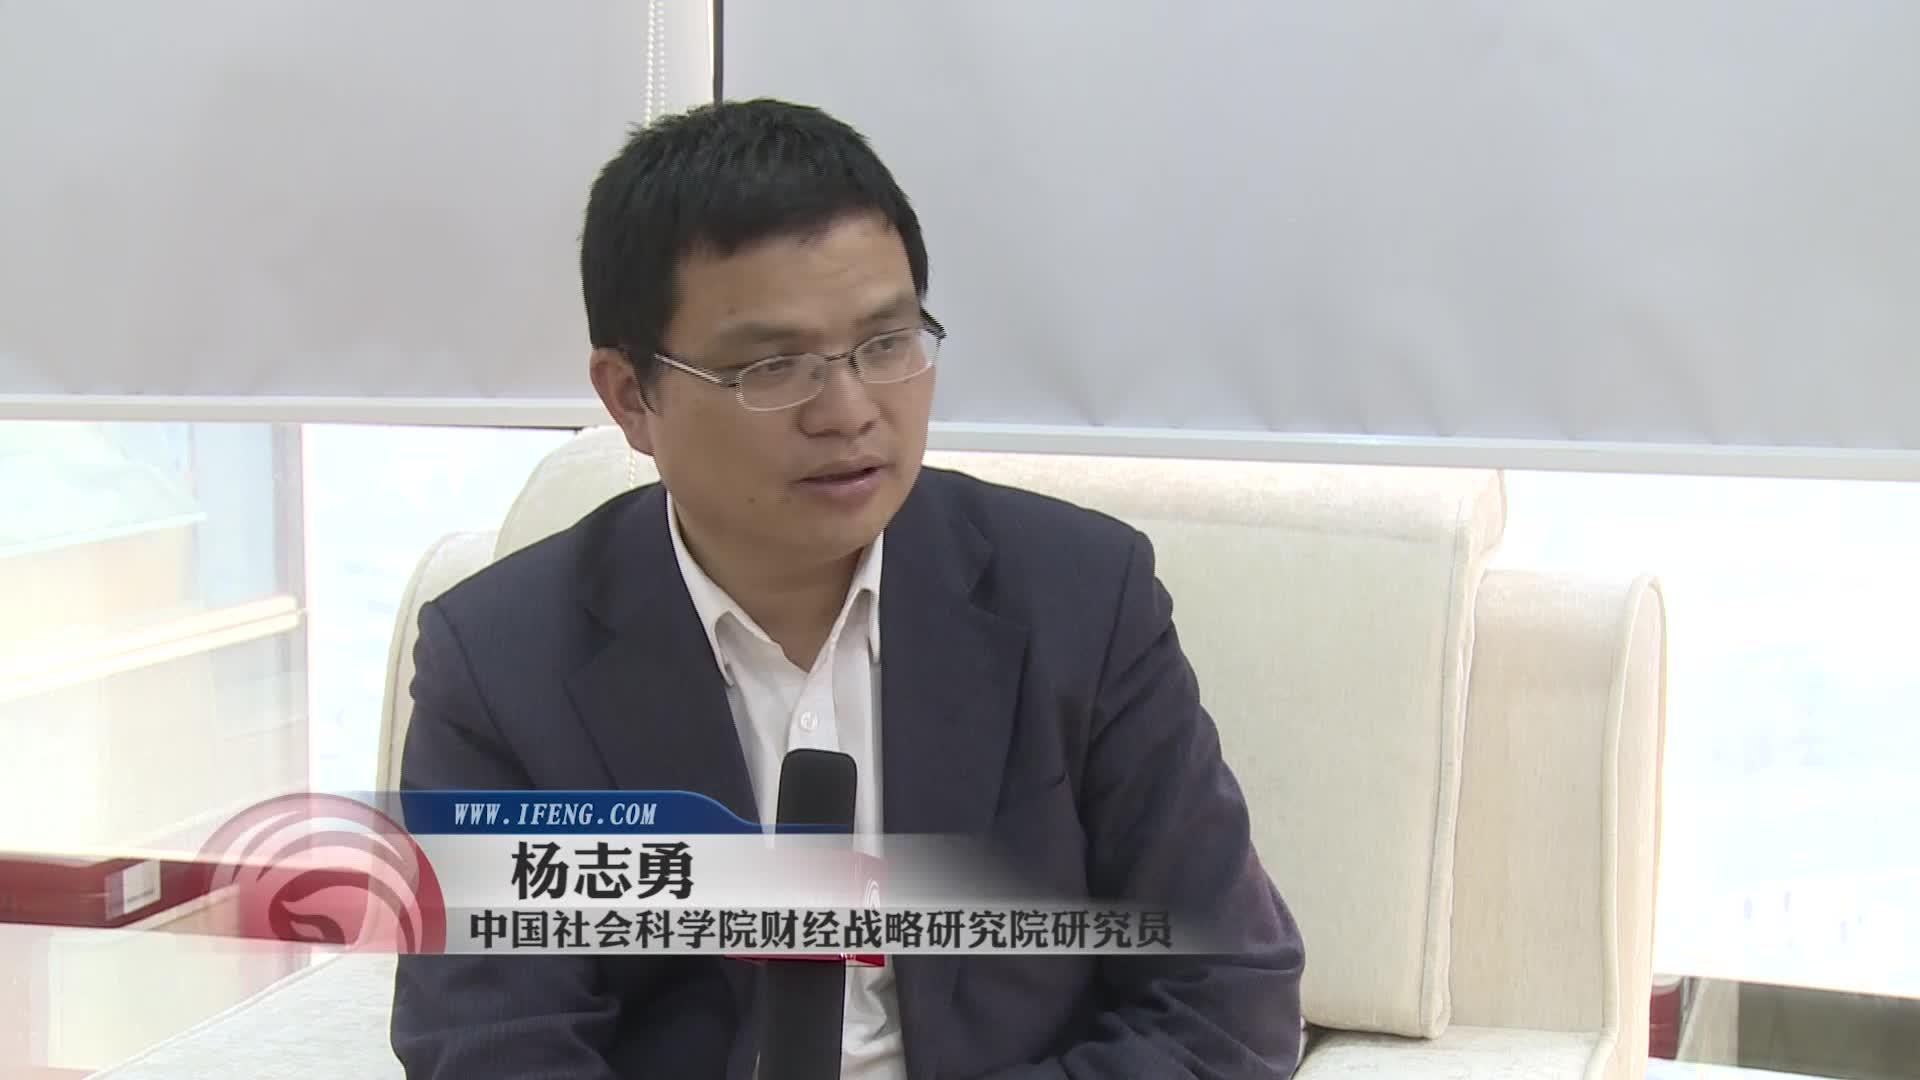 2017年03月02日 - 李平兴 - 神明五极推手中心